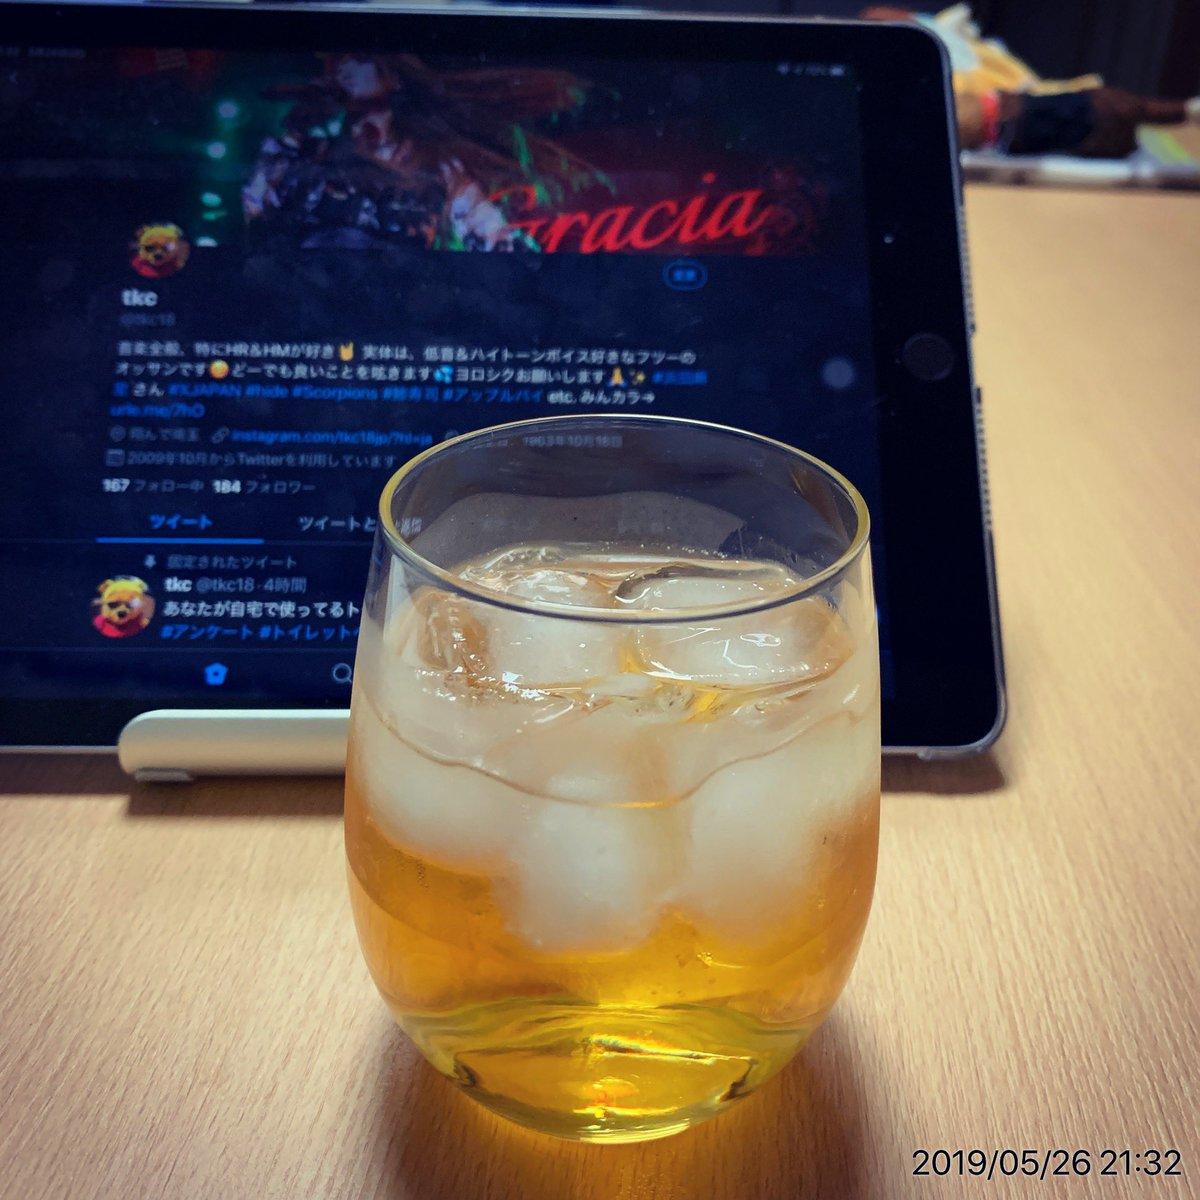 test ツイッターメディア - いただいてます✨️ #梅酒 #ダイソー #かろやか上質グラス #ラウンドグラス https://t.co/IGL6LfqPJm